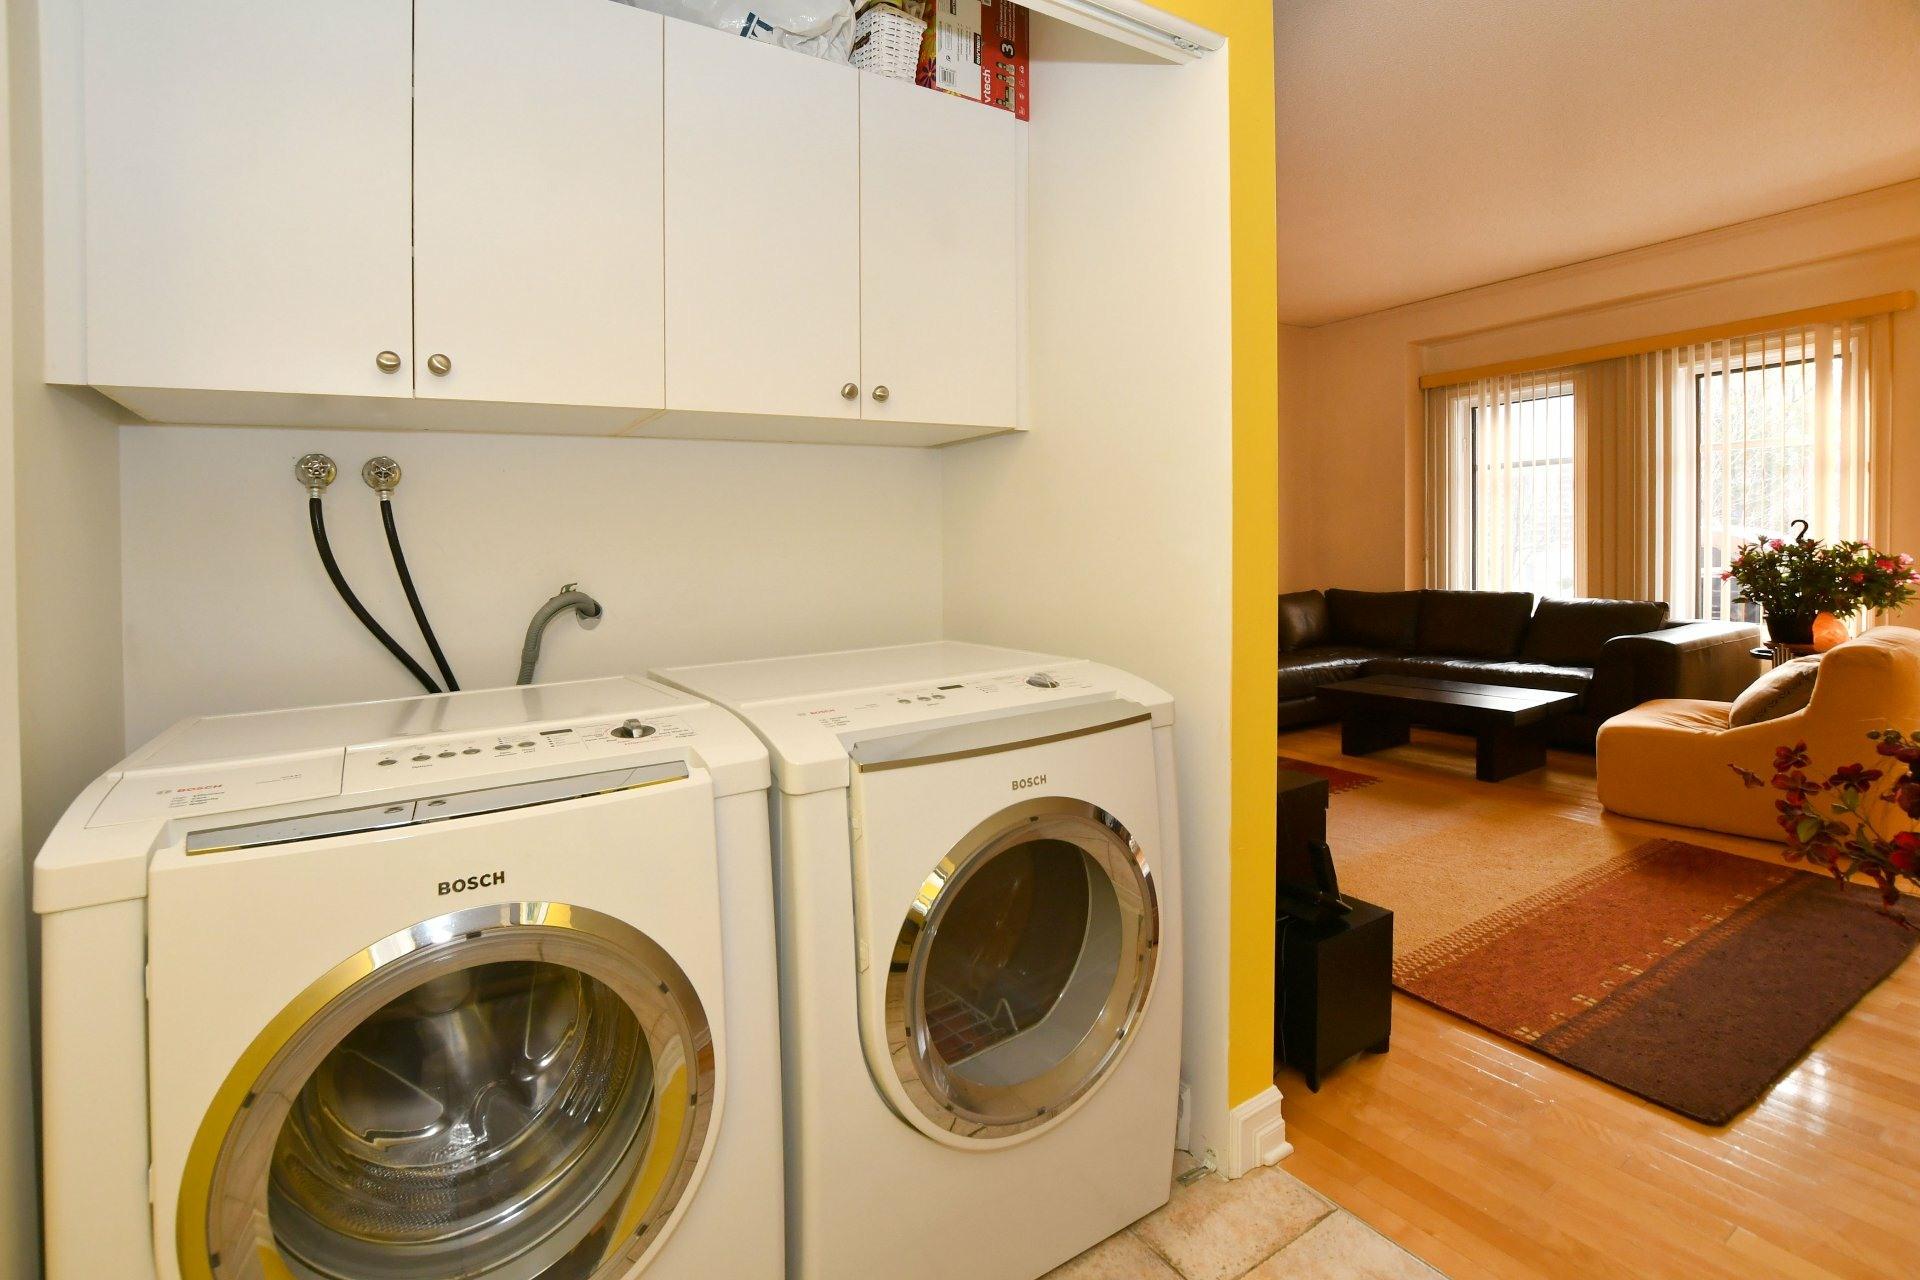 image 13 - Apartment For sale Saint-Laurent Montréal  - 5 rooms